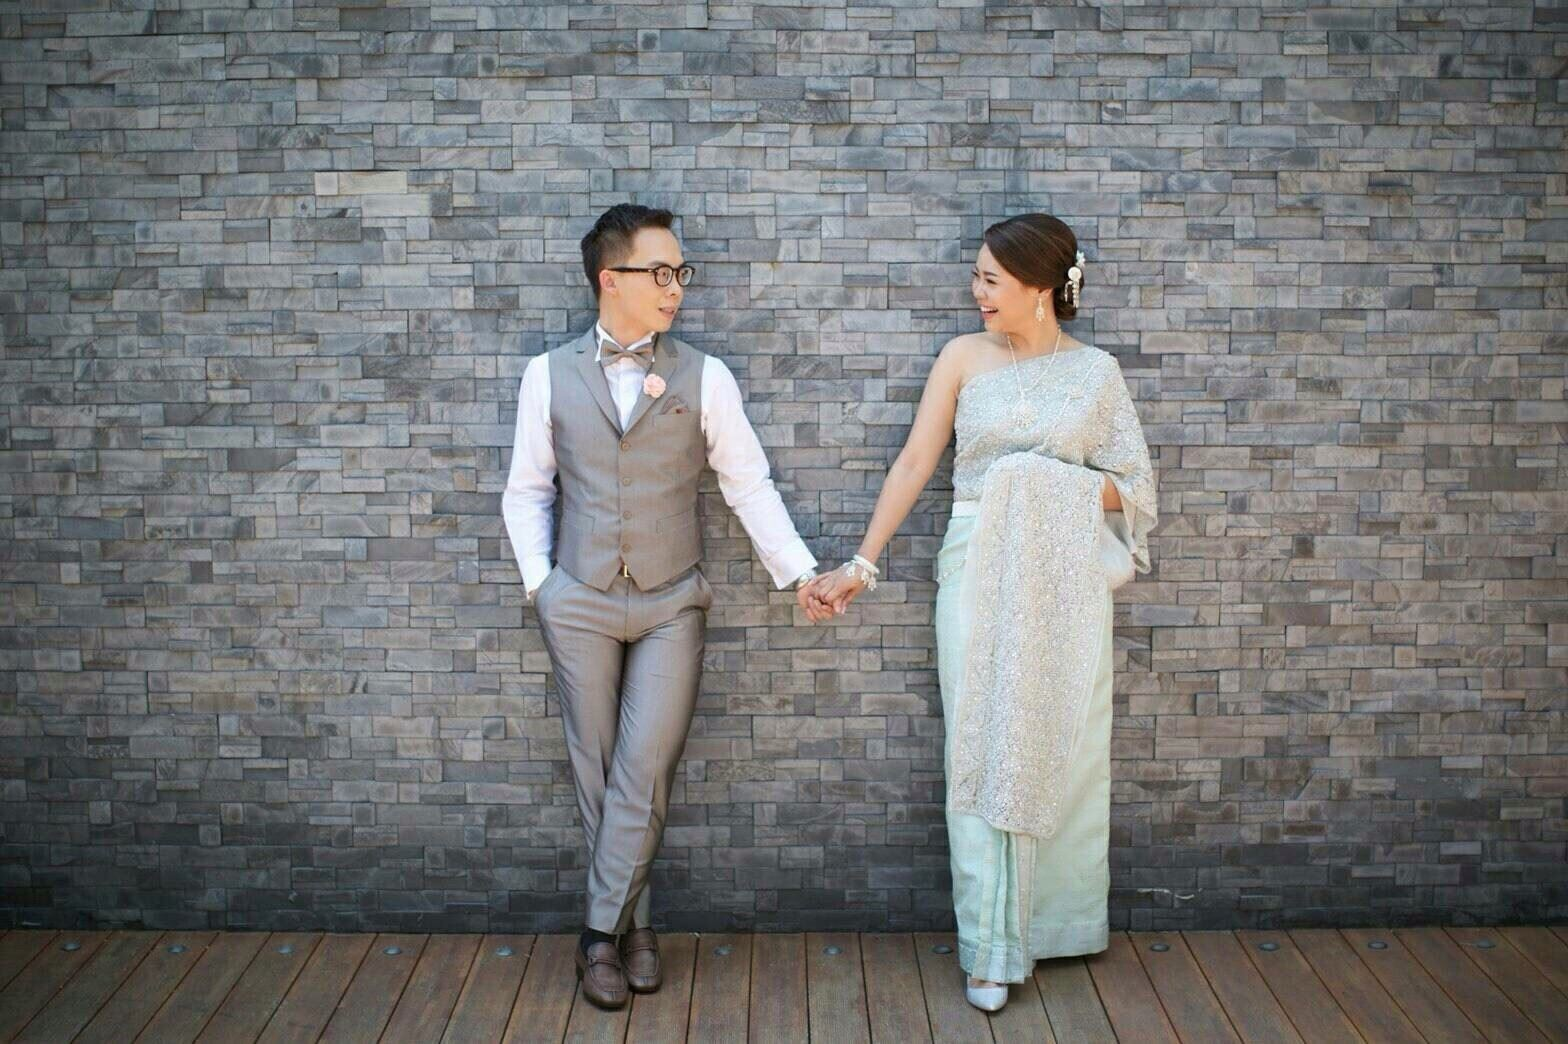 สูทเจ้าบ่าว_สูทแต่งงาน_wedding_suit_groom_suit_033